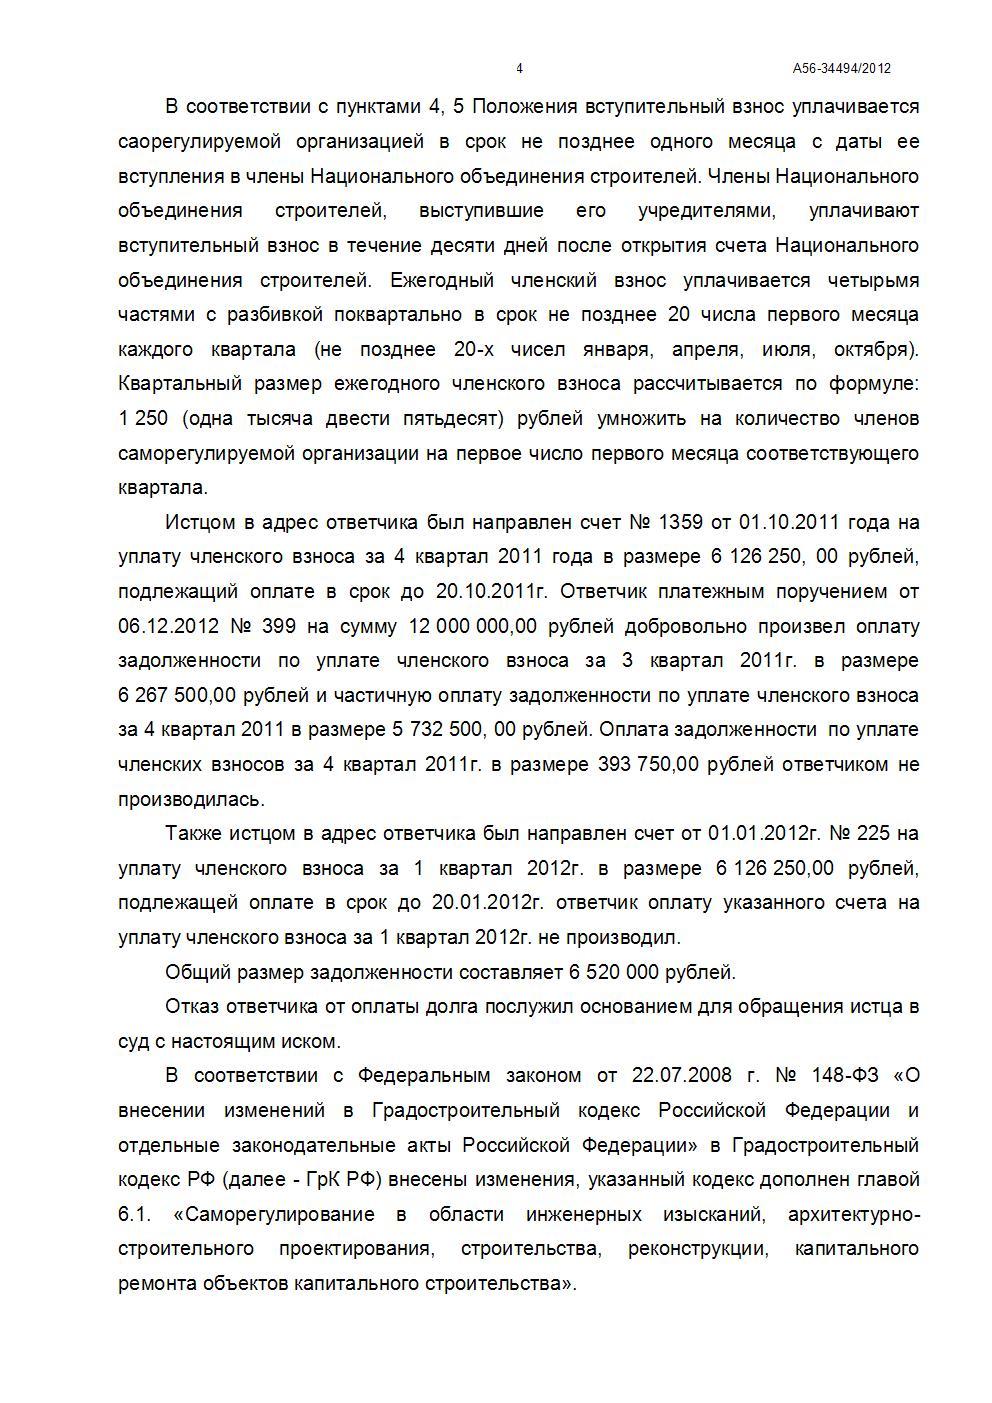 Арбитражный суд: НОСТРОй использовал методику начисления членских взносов, которая не соответствует законодательству РФ